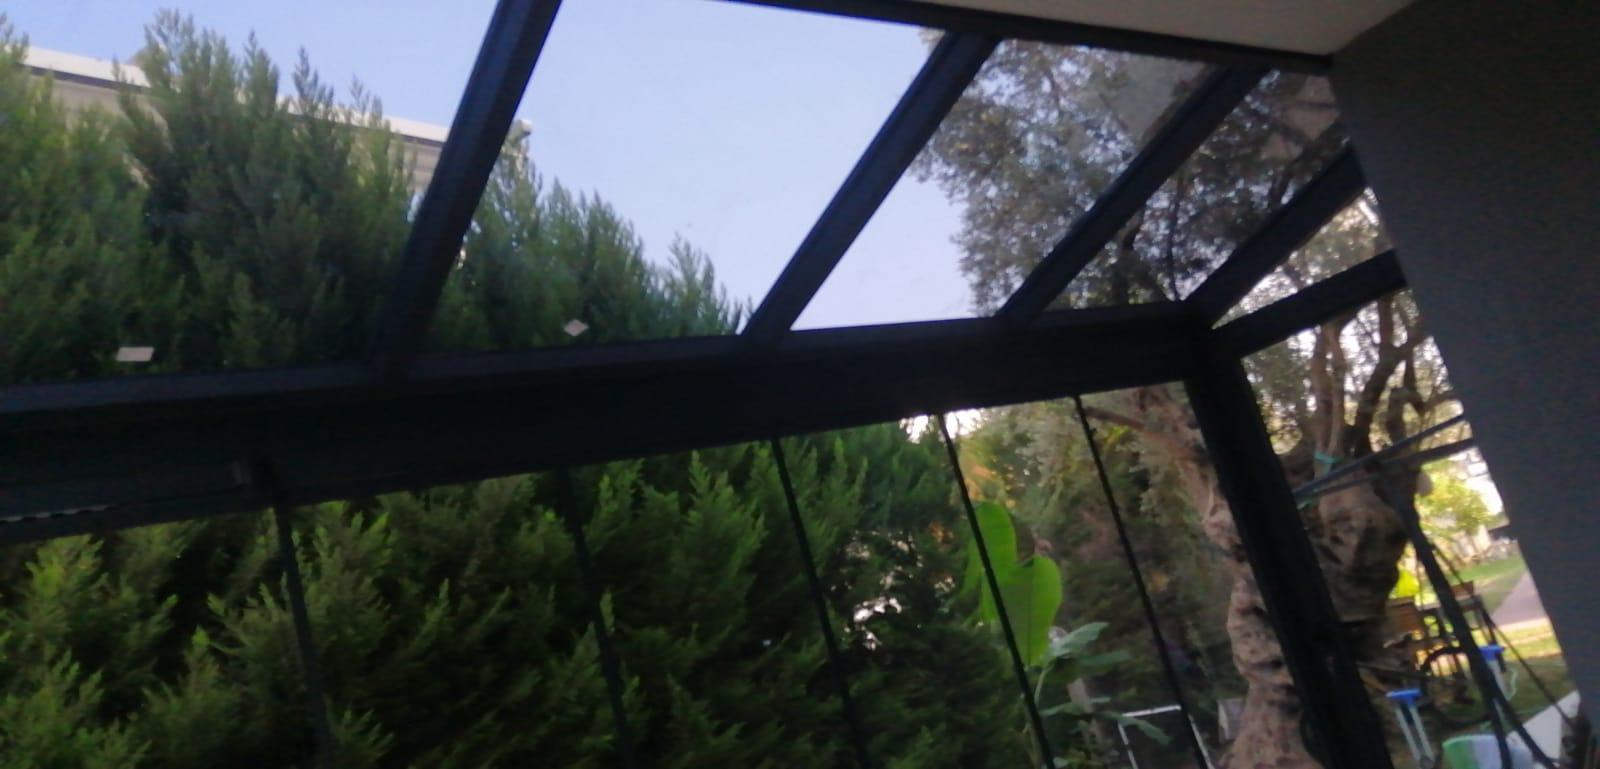 kış bahçesi cam tavan uygulaması